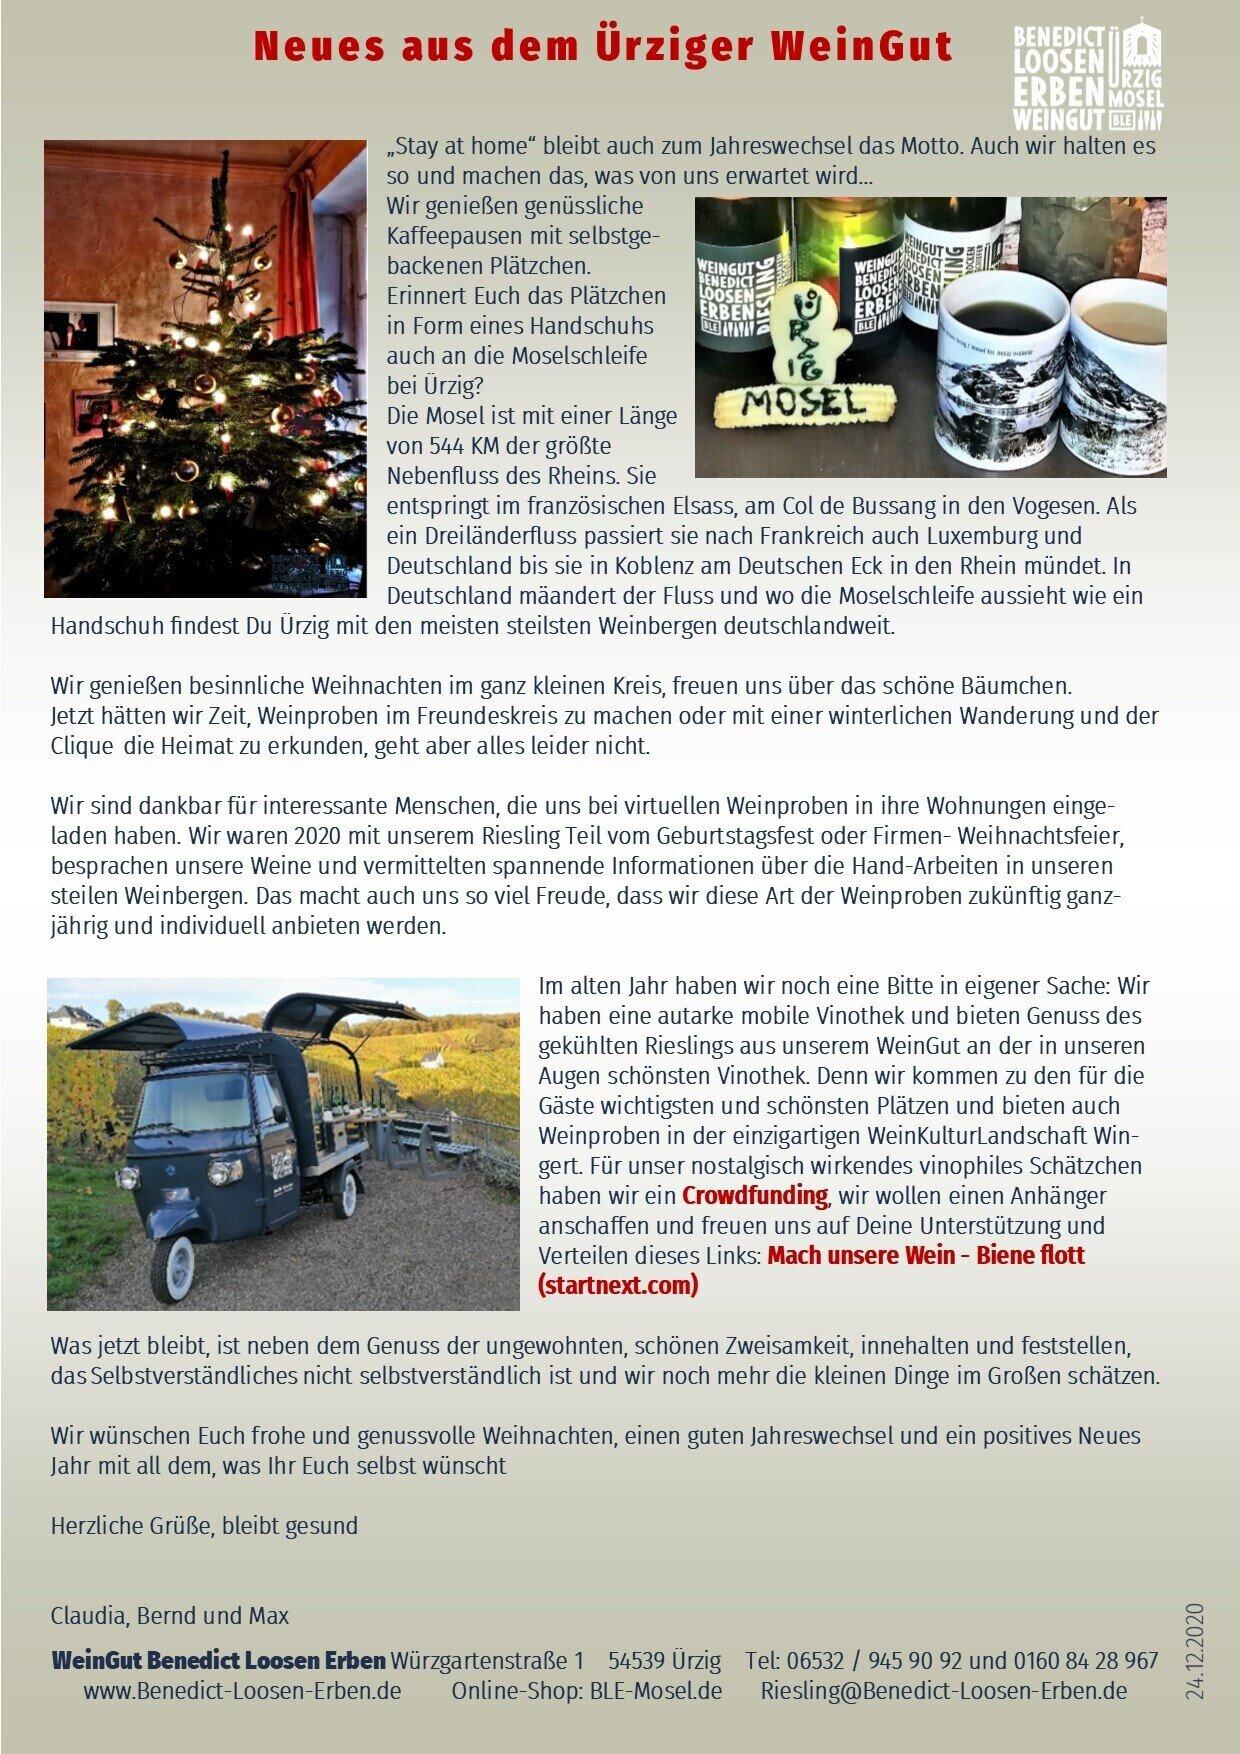 Jahresend-Neuigkeiten aus dem WeinGut Benedict Loosen Erben